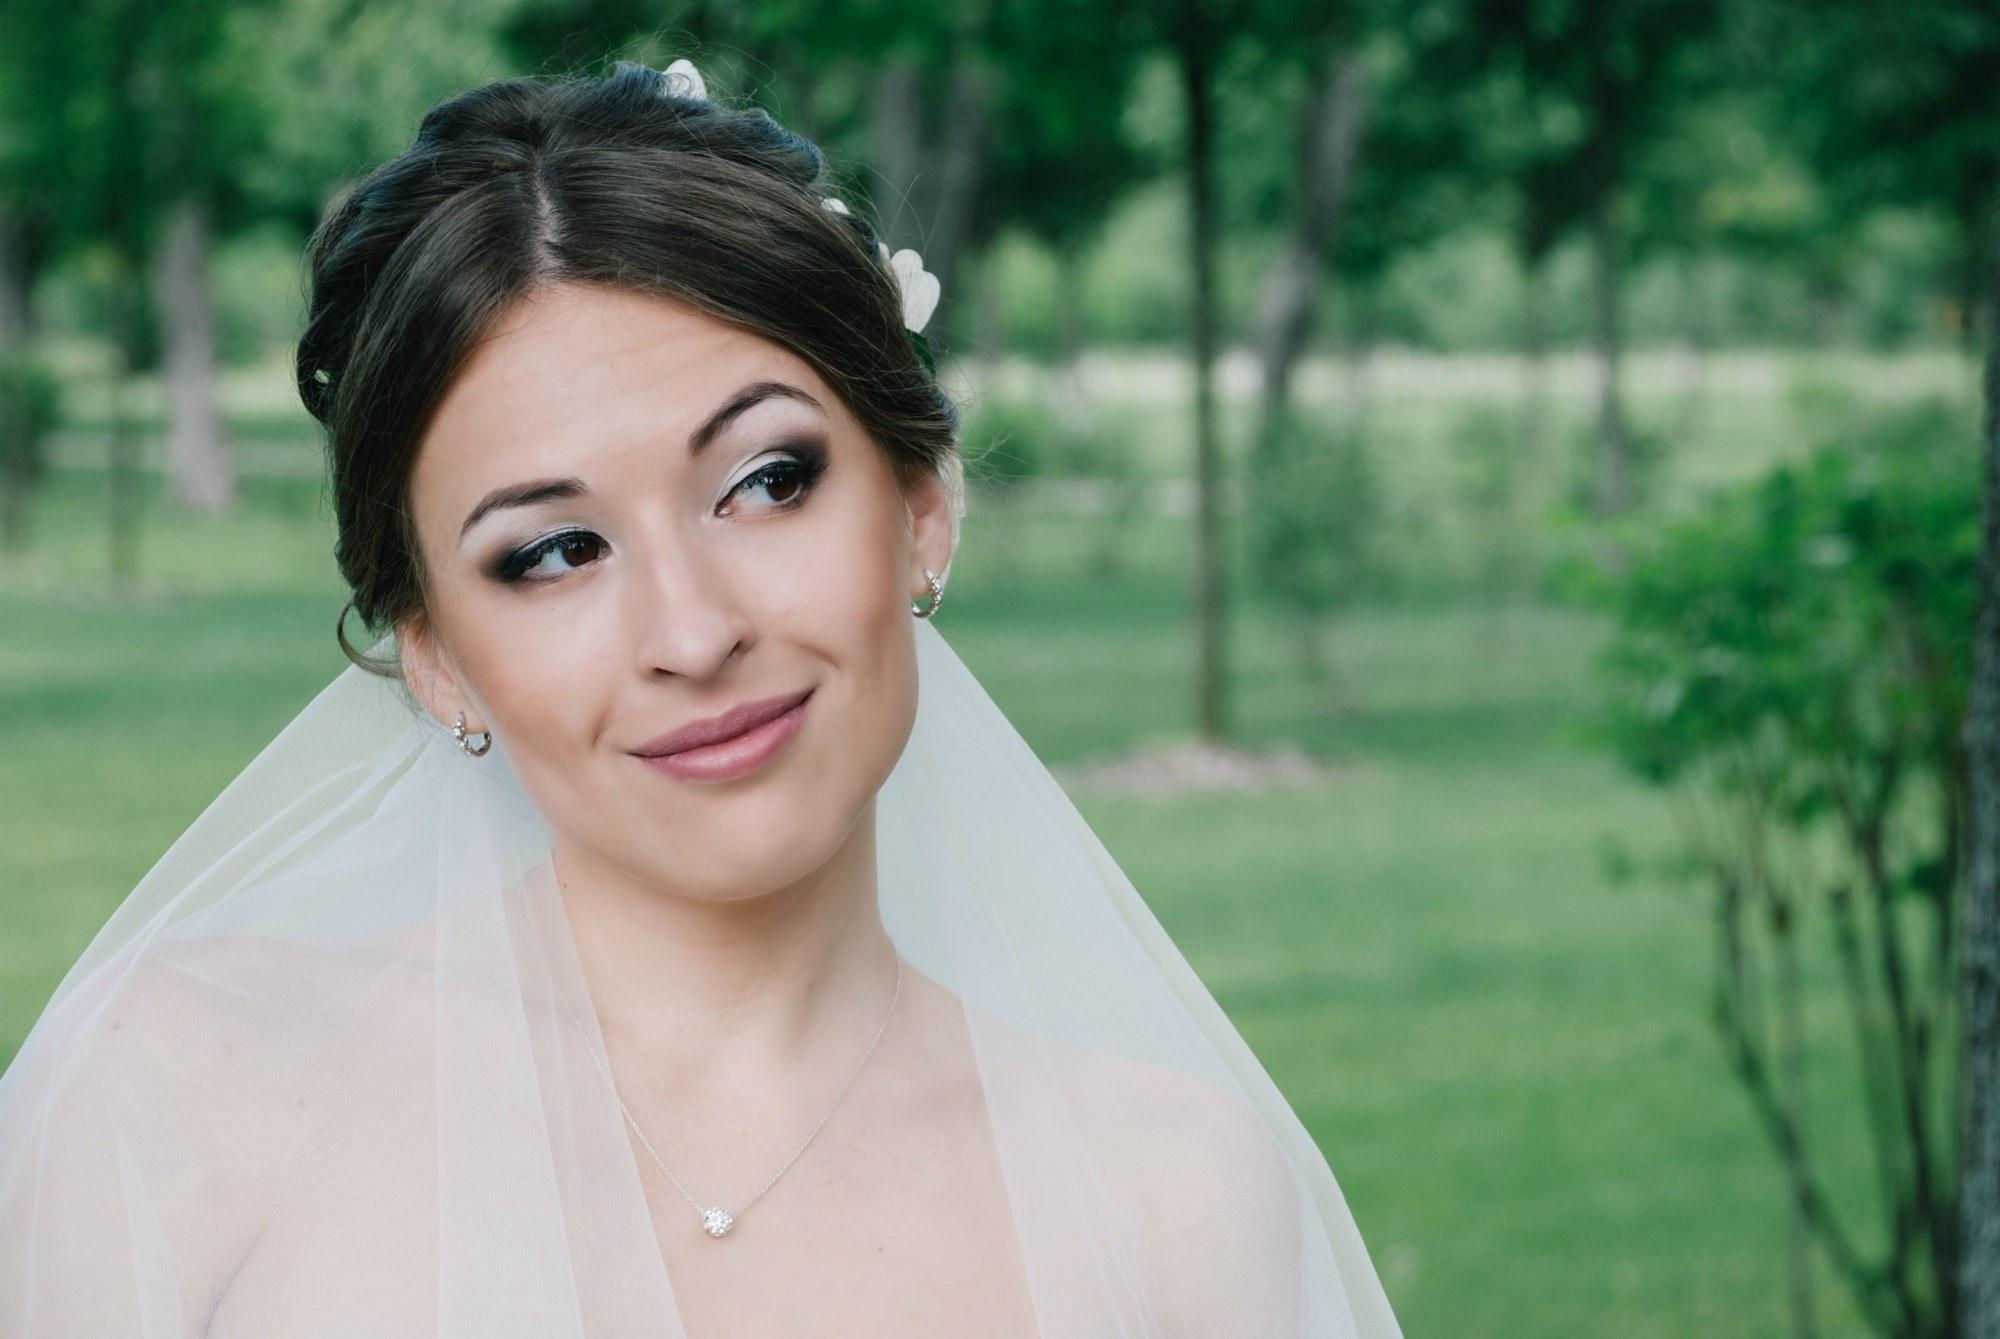 Невеста улыбается и смотрит вдаль - Фотограф Киев - Женя Лайт